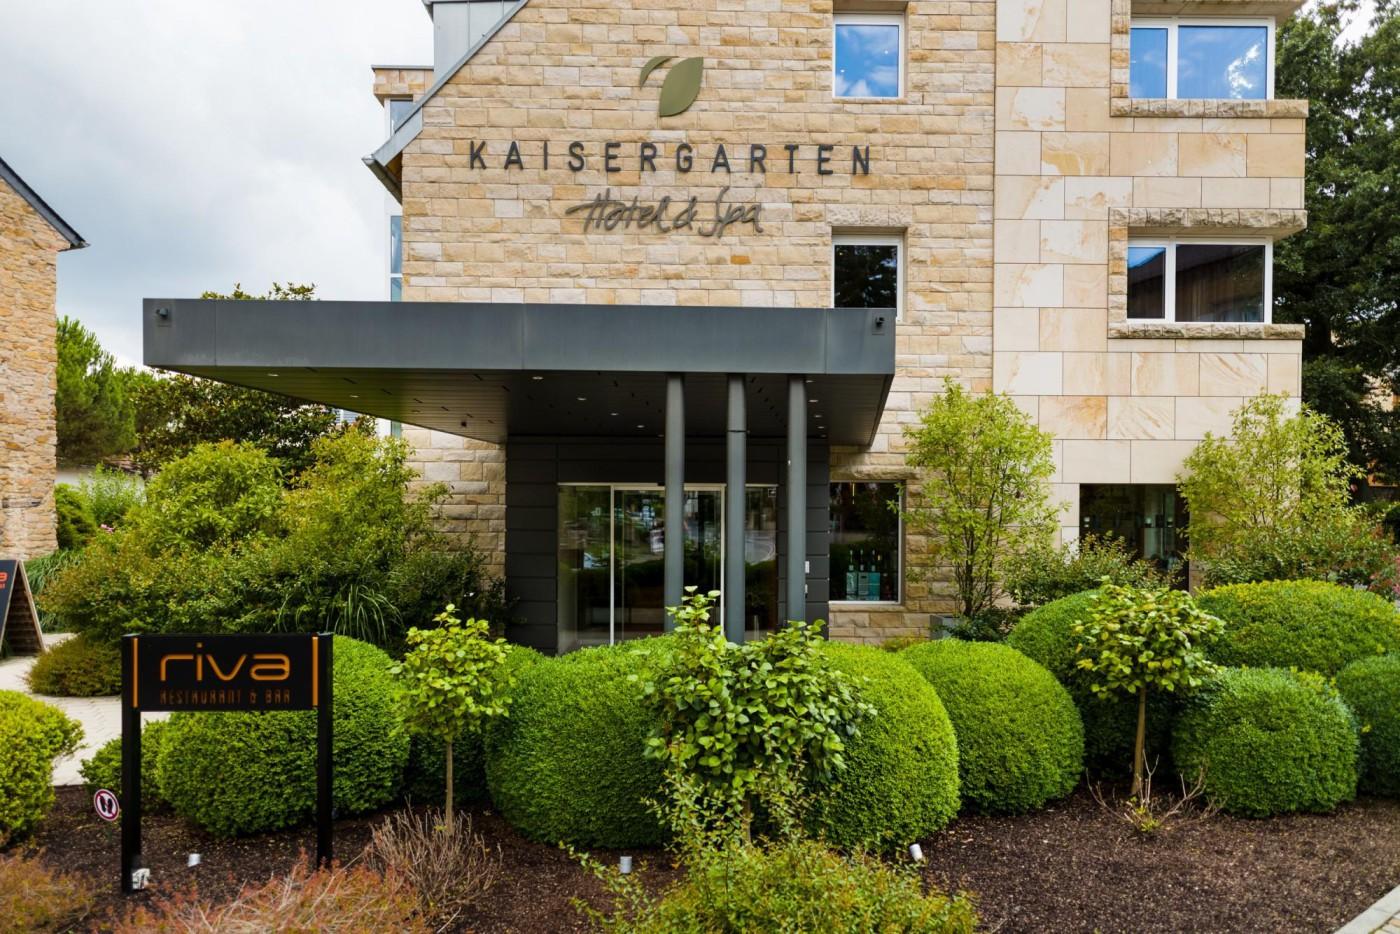 Kaisergarten Hotel & Spa - Bild 1